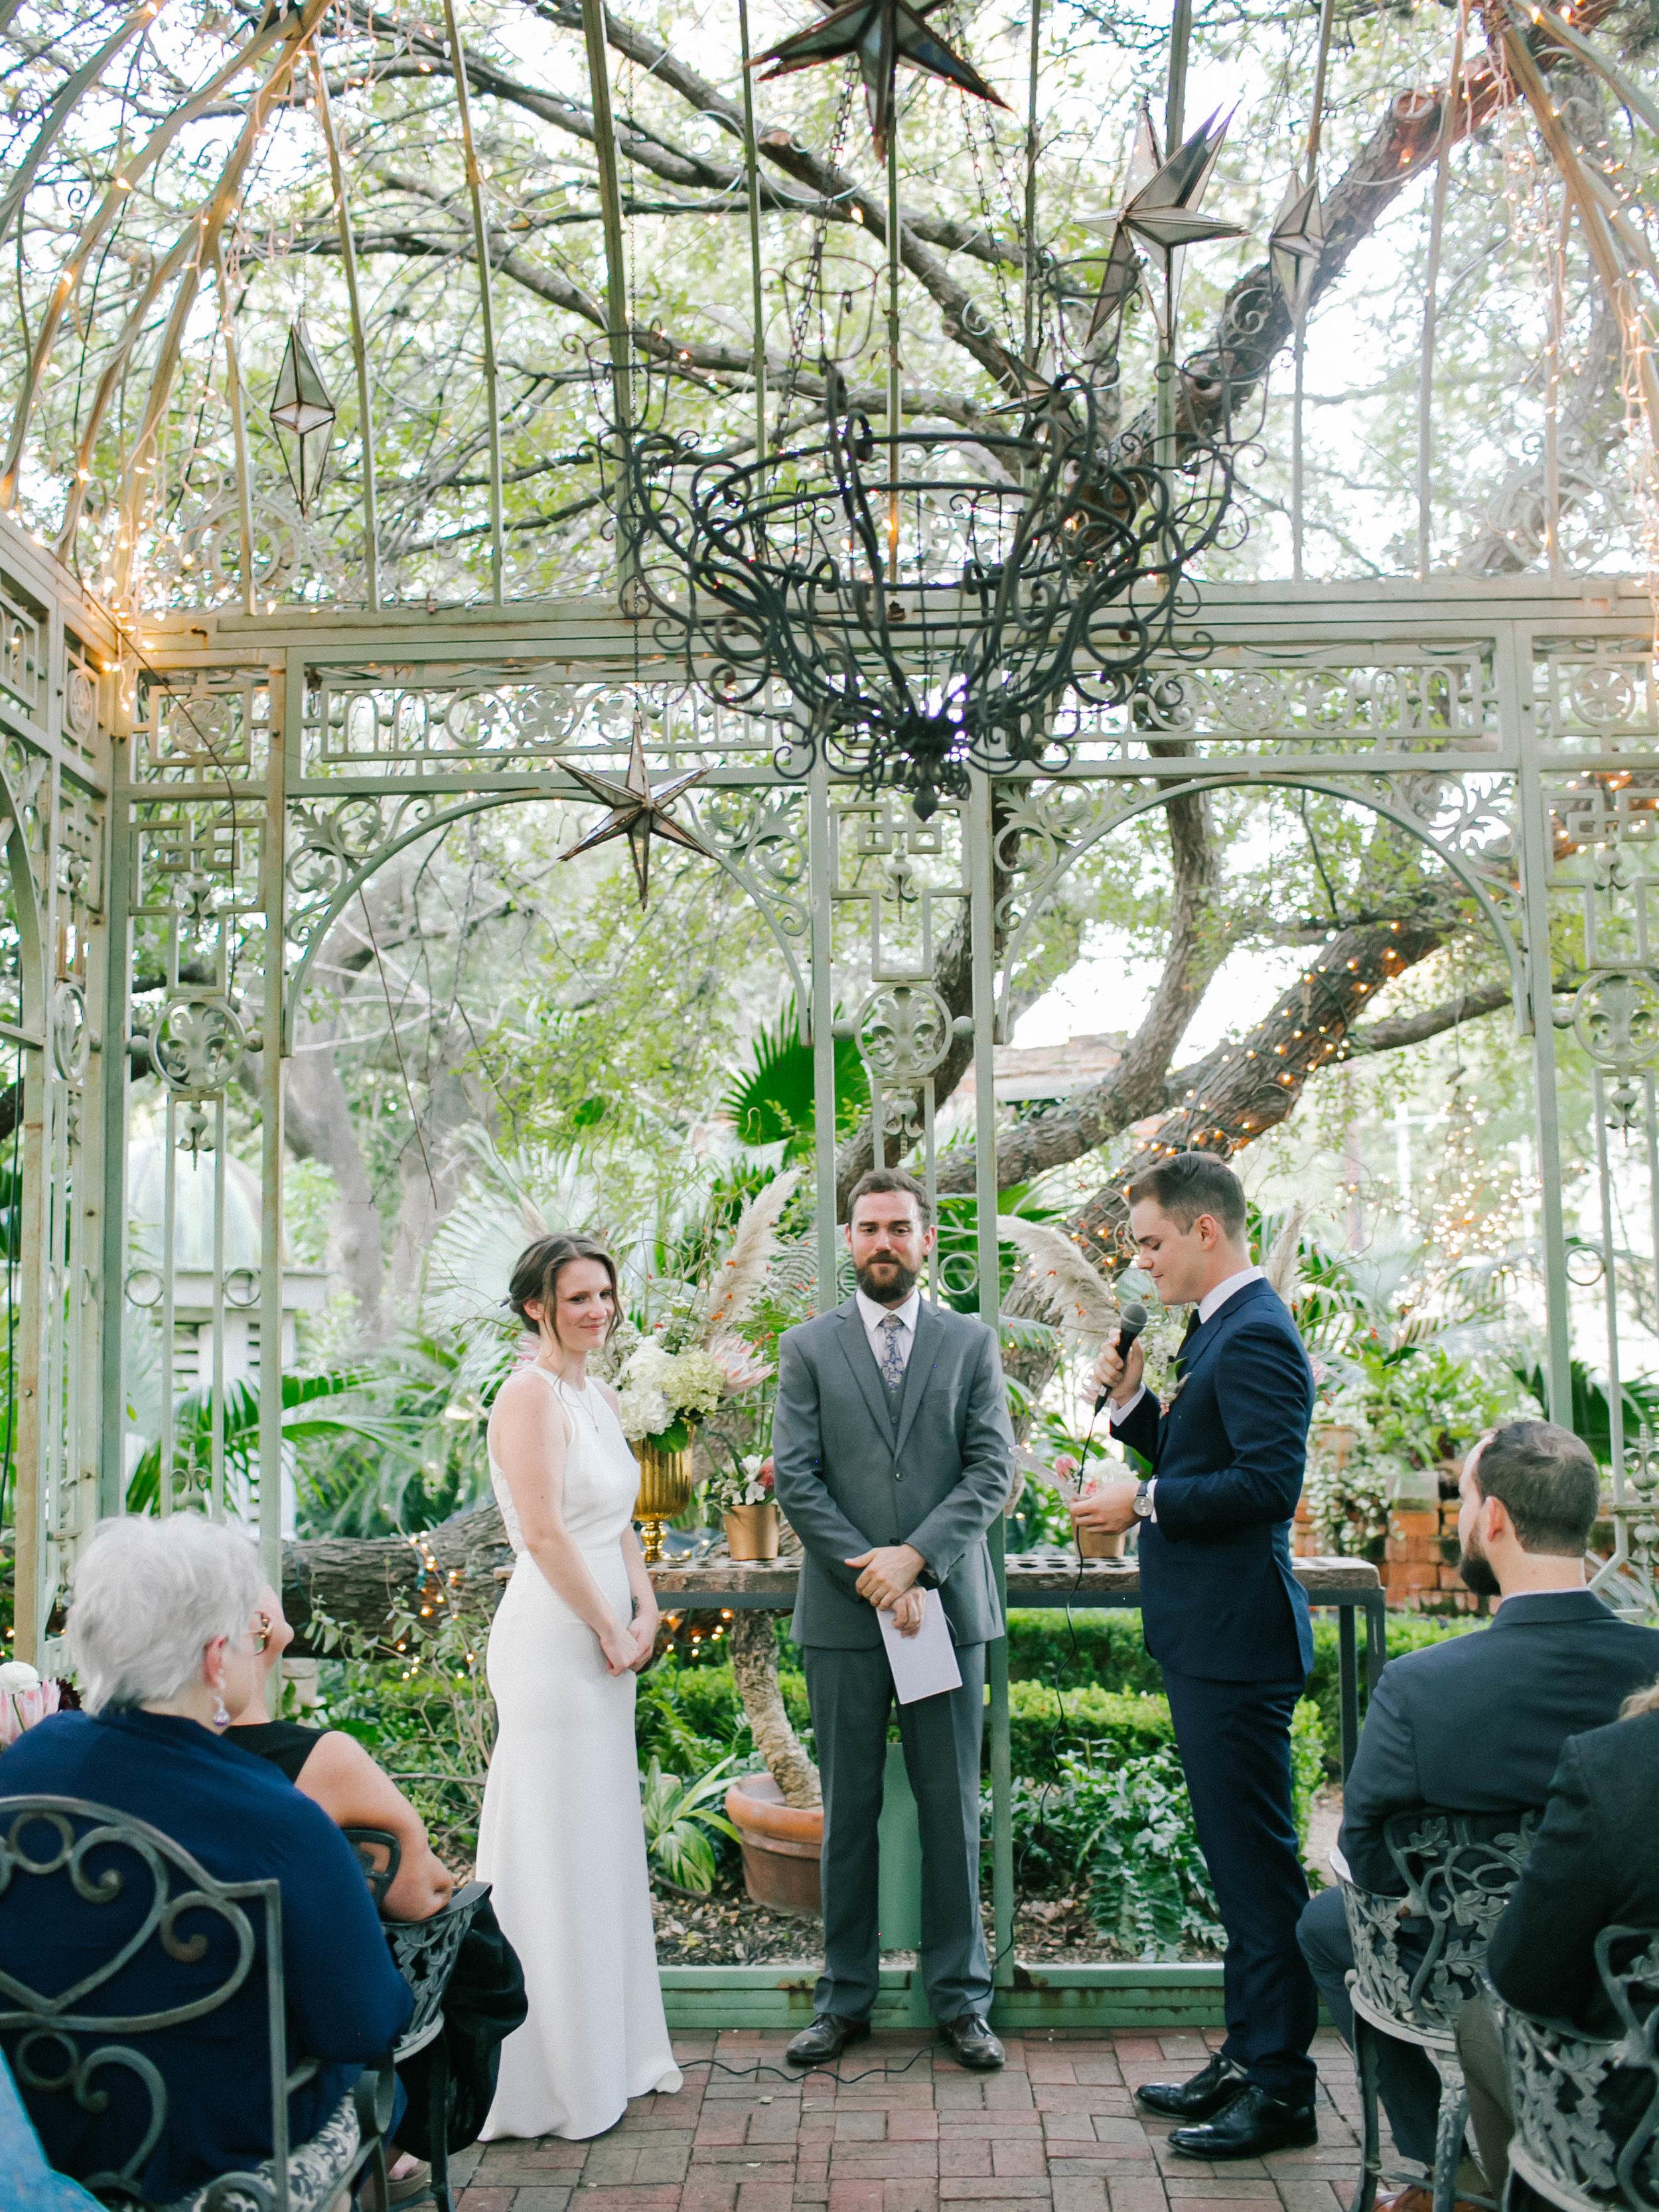 Alex-Kyrany-Wedding-Jennifers-Gardens-339.jpg